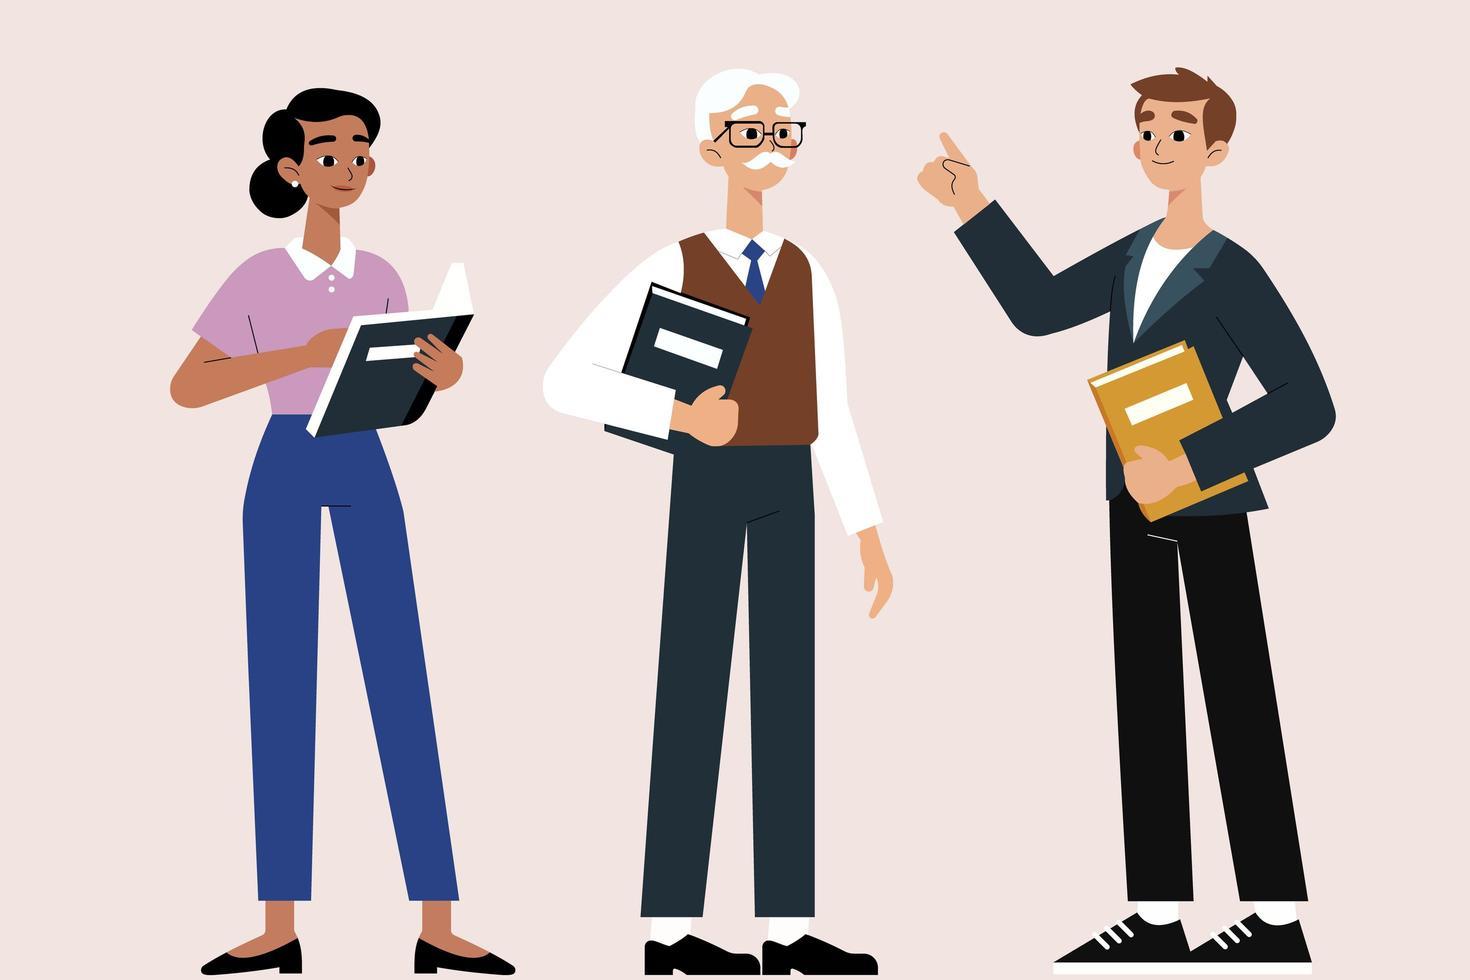 conjunto de personajes de dibujos animados del día internacional del estudiante vector